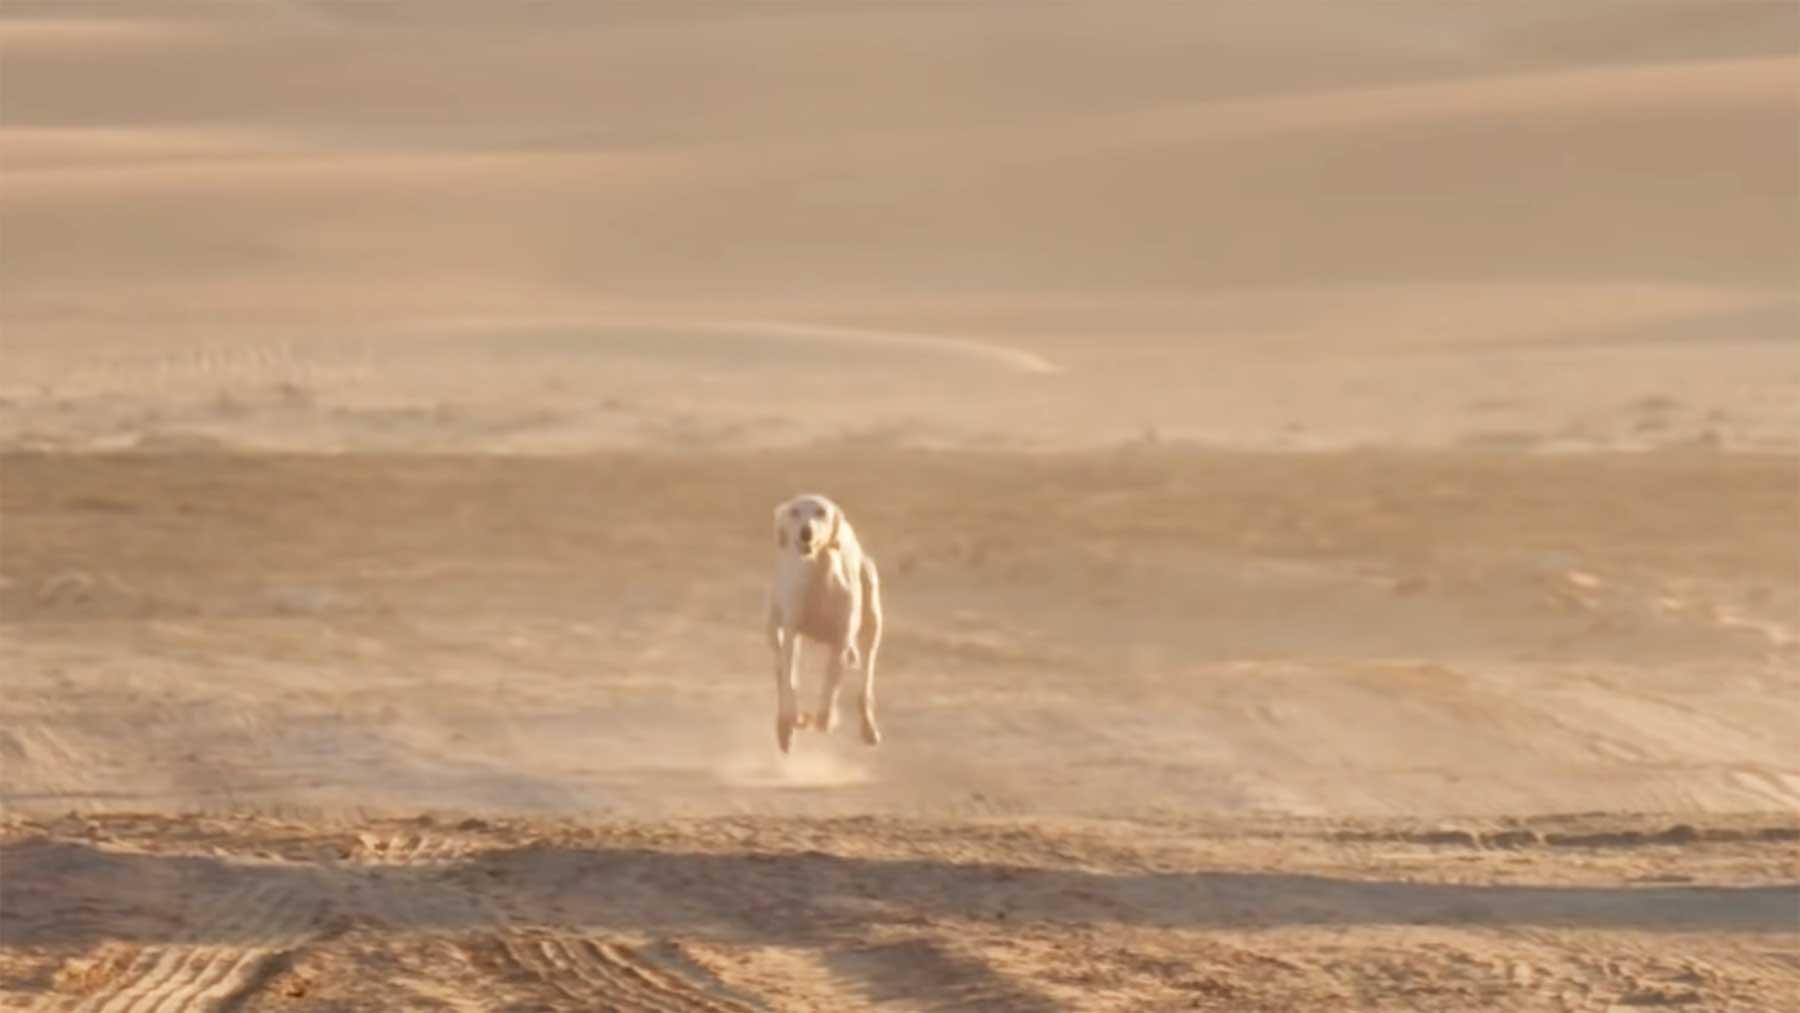 Einer der schnellsten Hunde der Welt schnellster-hund-der-welt